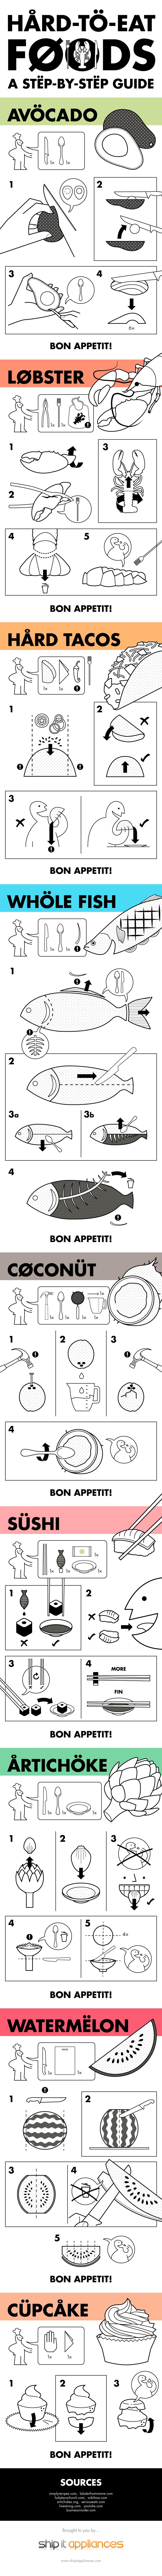 インフォグラフィック:食べにくい料理9つをスマートに食べる方法